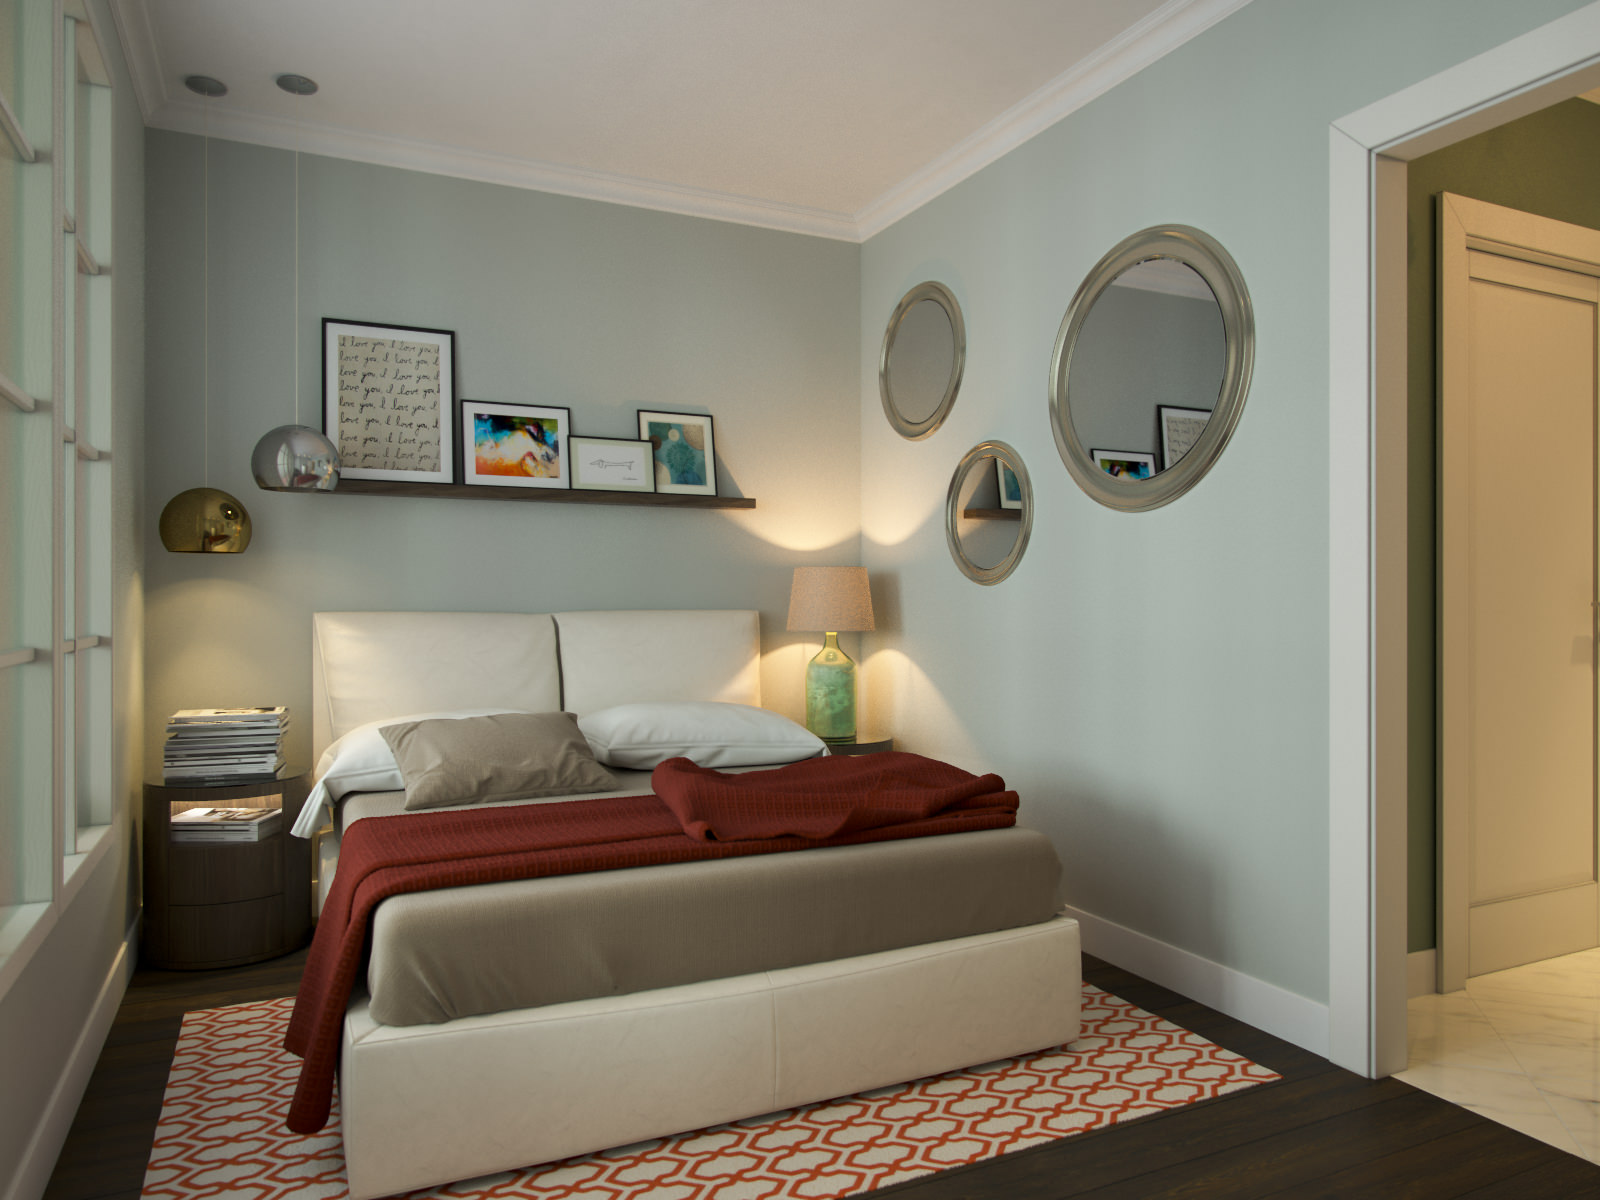 Как сделать маленькую комнату визуально просторнее?